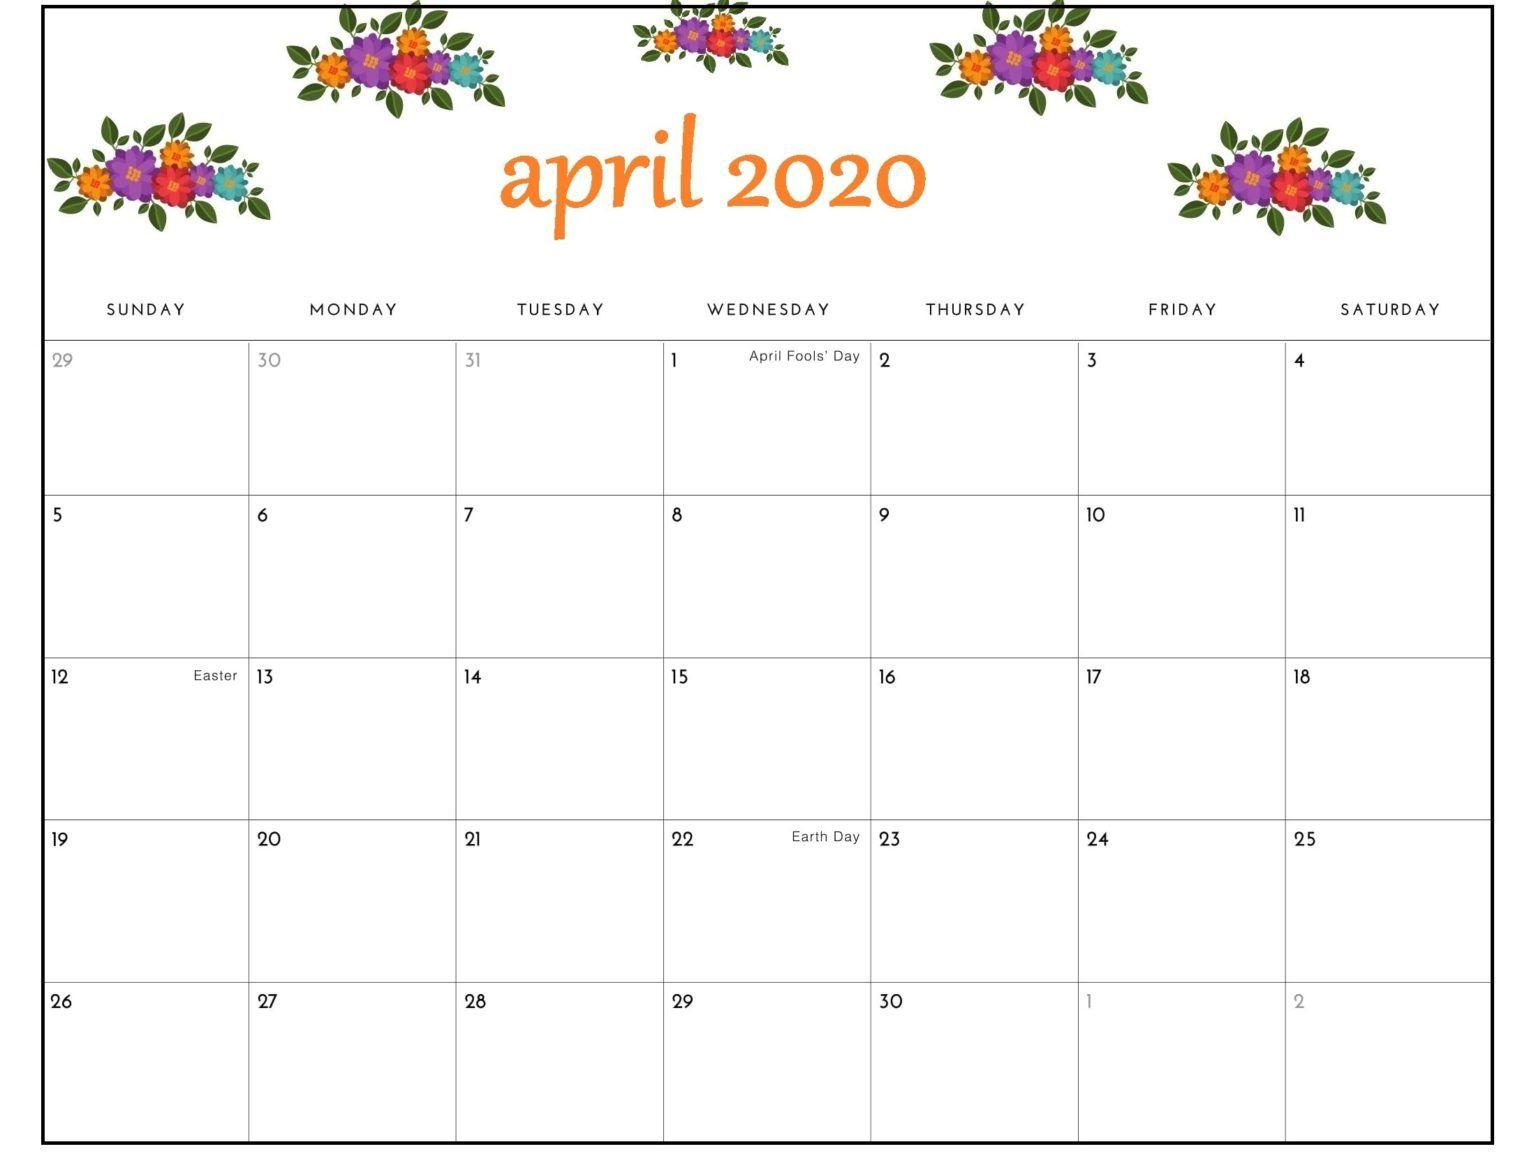 April 2020 Calendar Pdf Sheet For Exam | Free Printable in Free Printable April 2020 Calendar